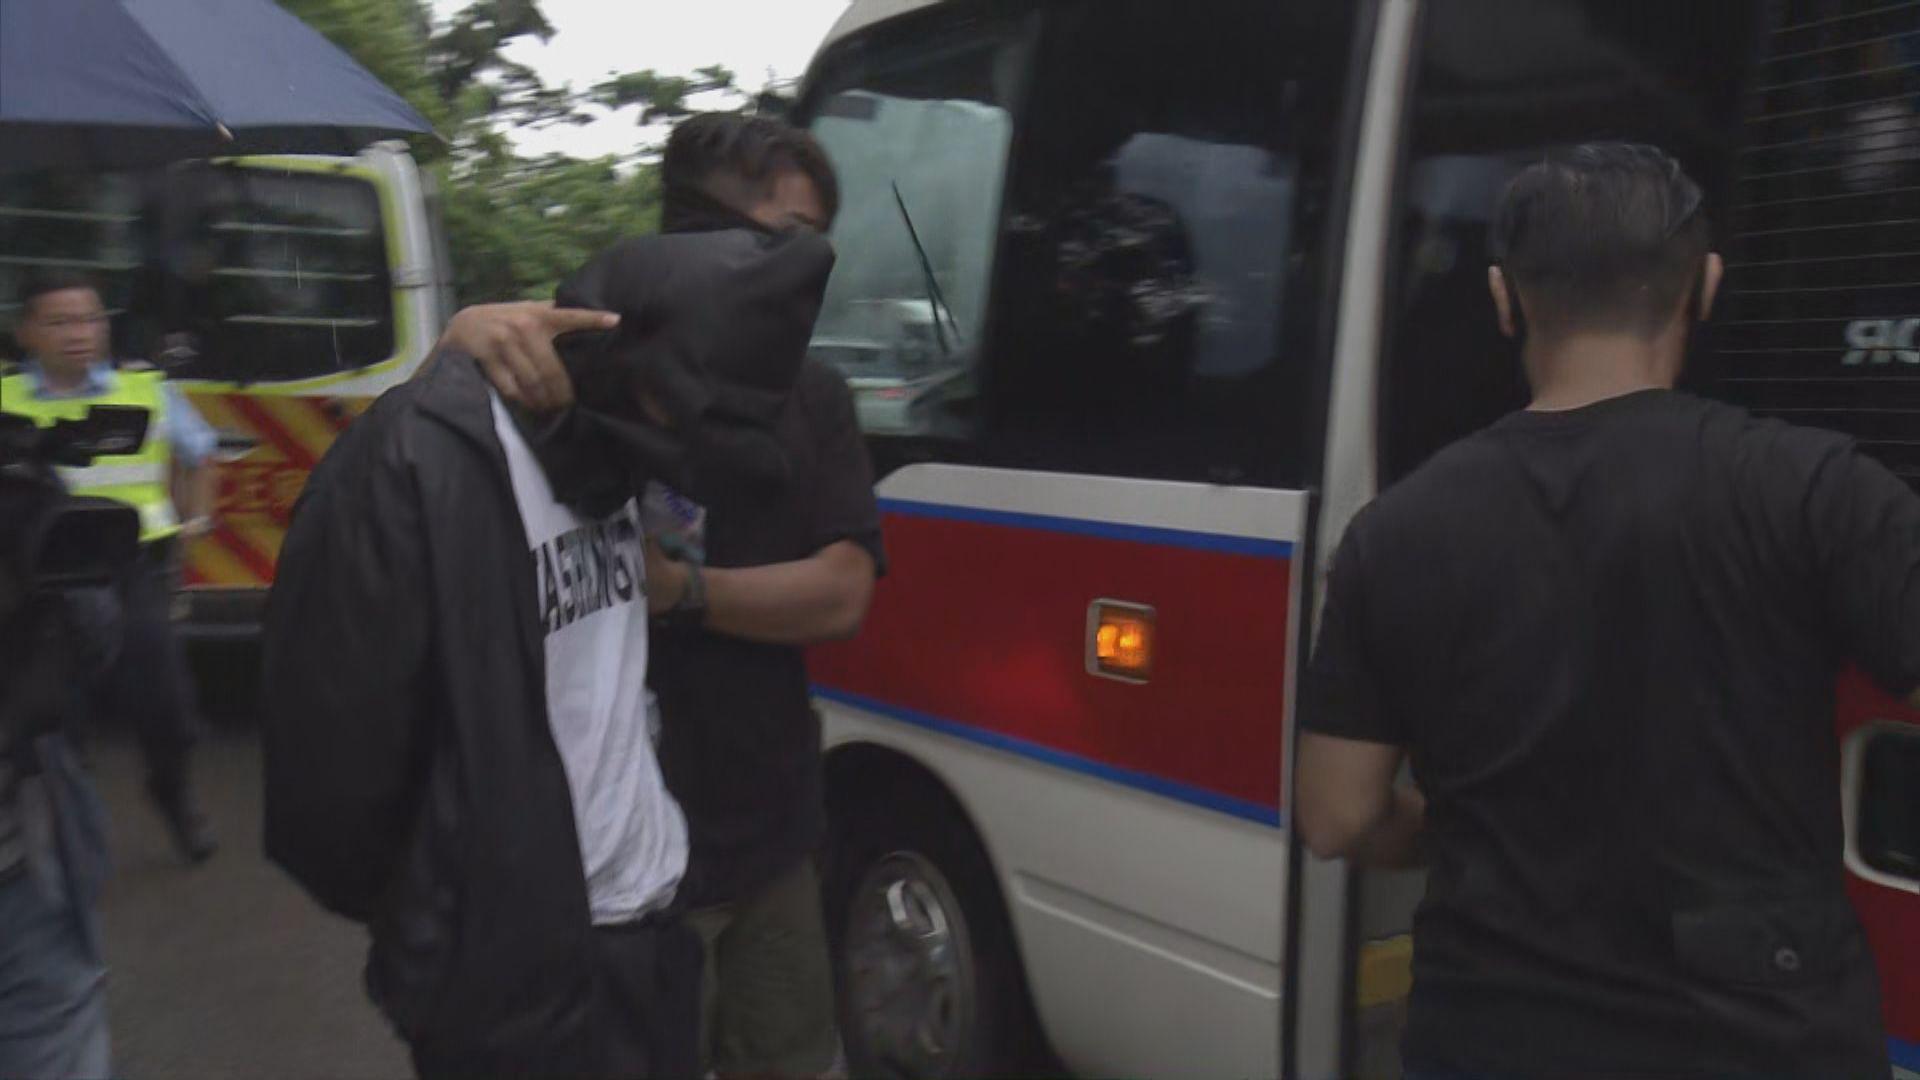 落馬洲警拘四男一女 疑與一宗企圖行劫有關